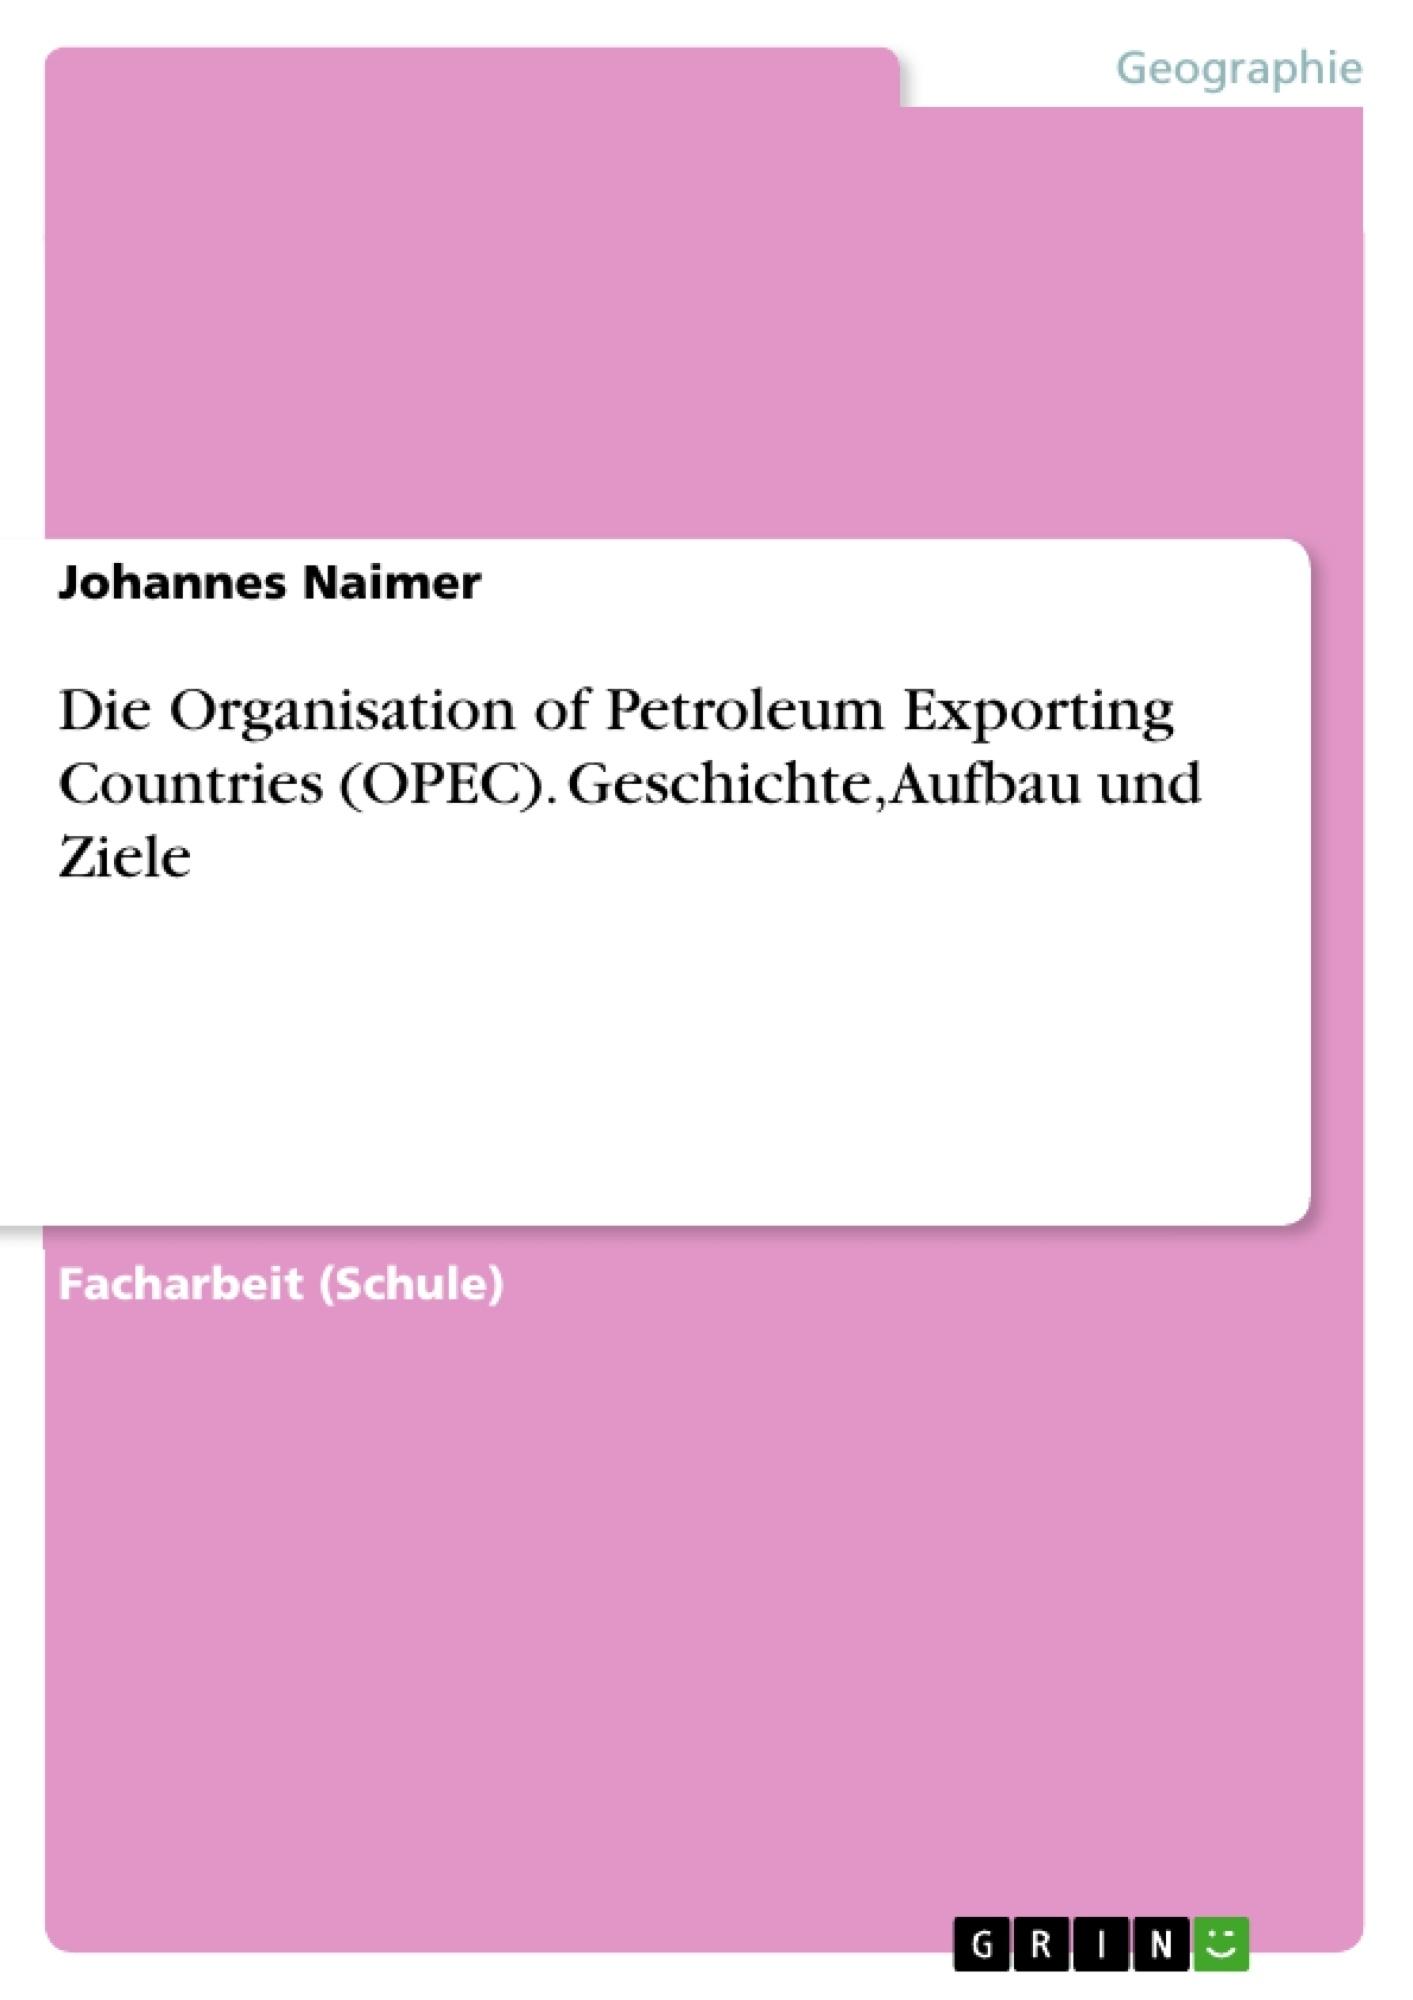 Titel: Die Organisation of Petroleum Exporting Countries (OPEC). Geschichte, Aufbau und Ziele